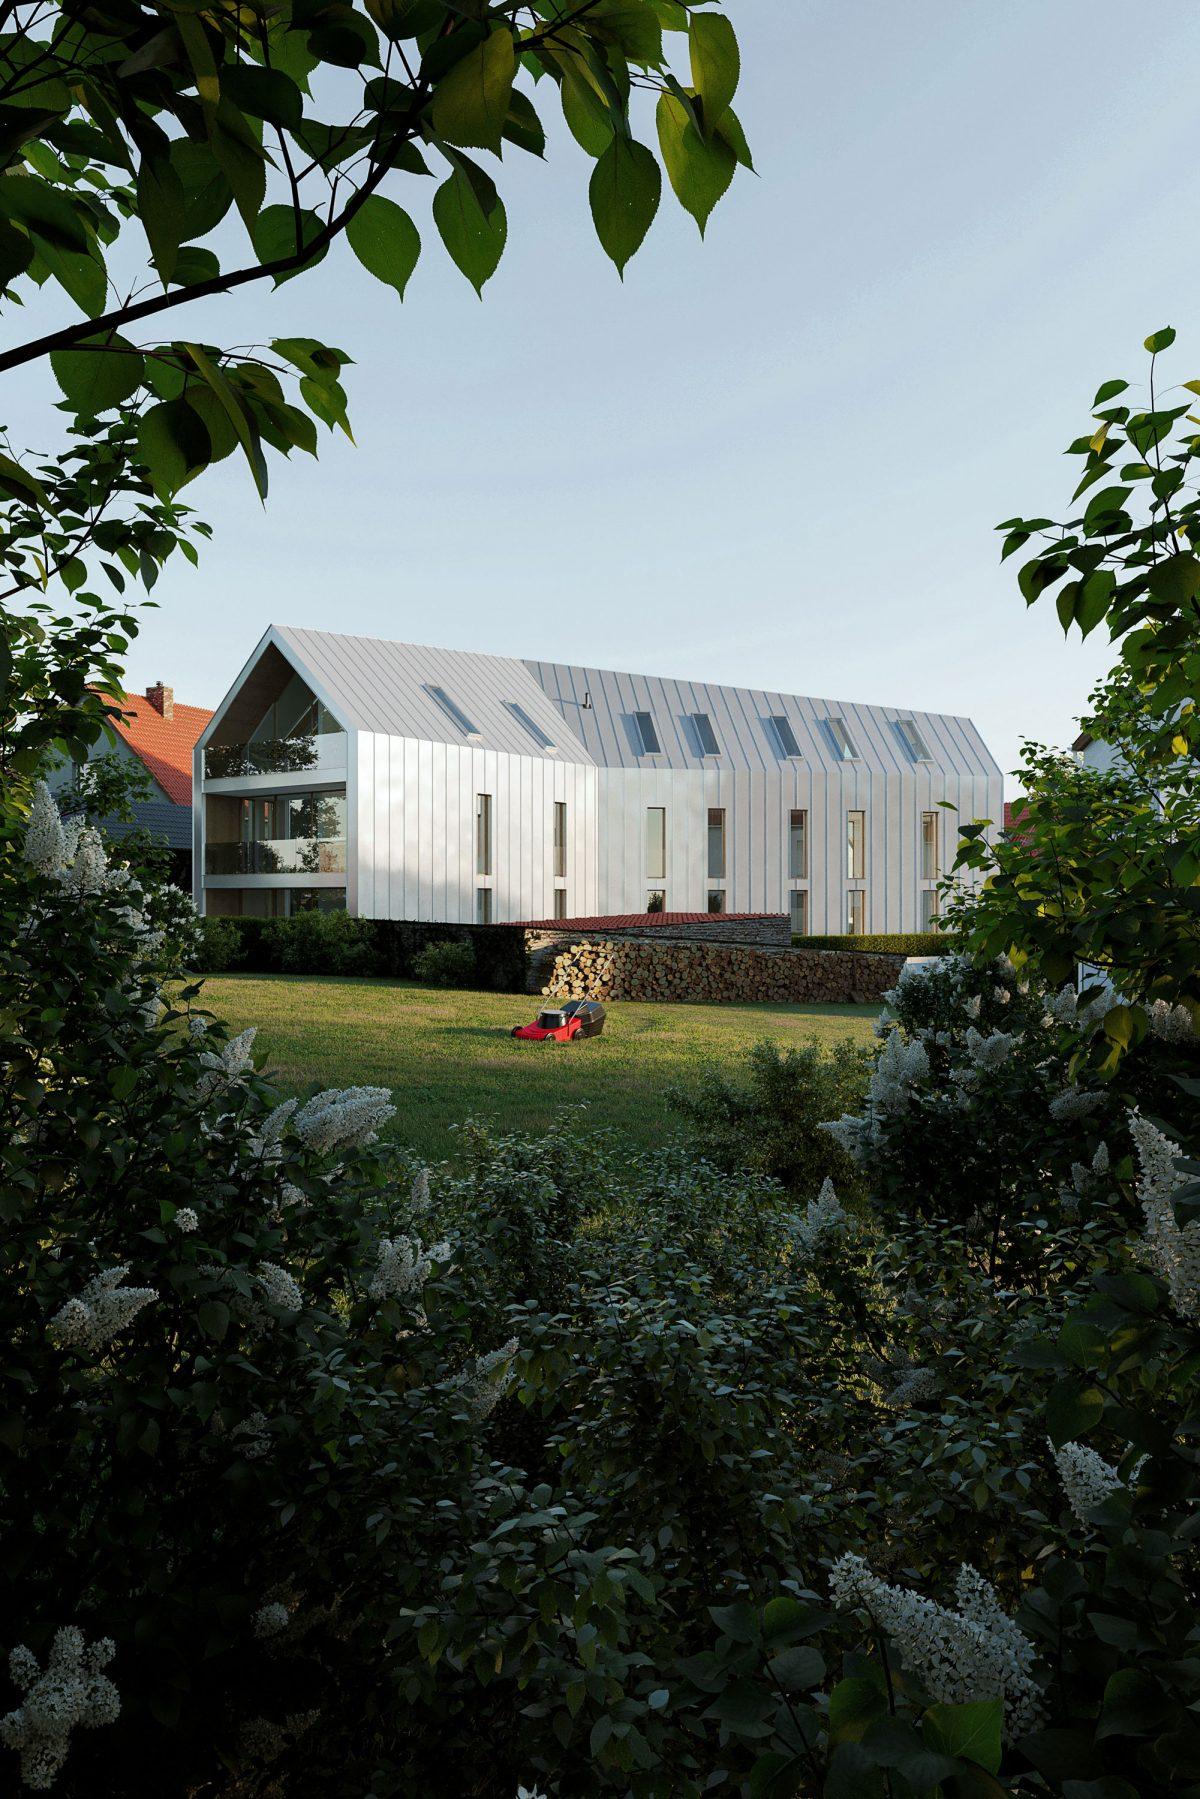 Perspektive von der Gartenseite auf das Mehrfamilienhauses in der Oberpfalz.